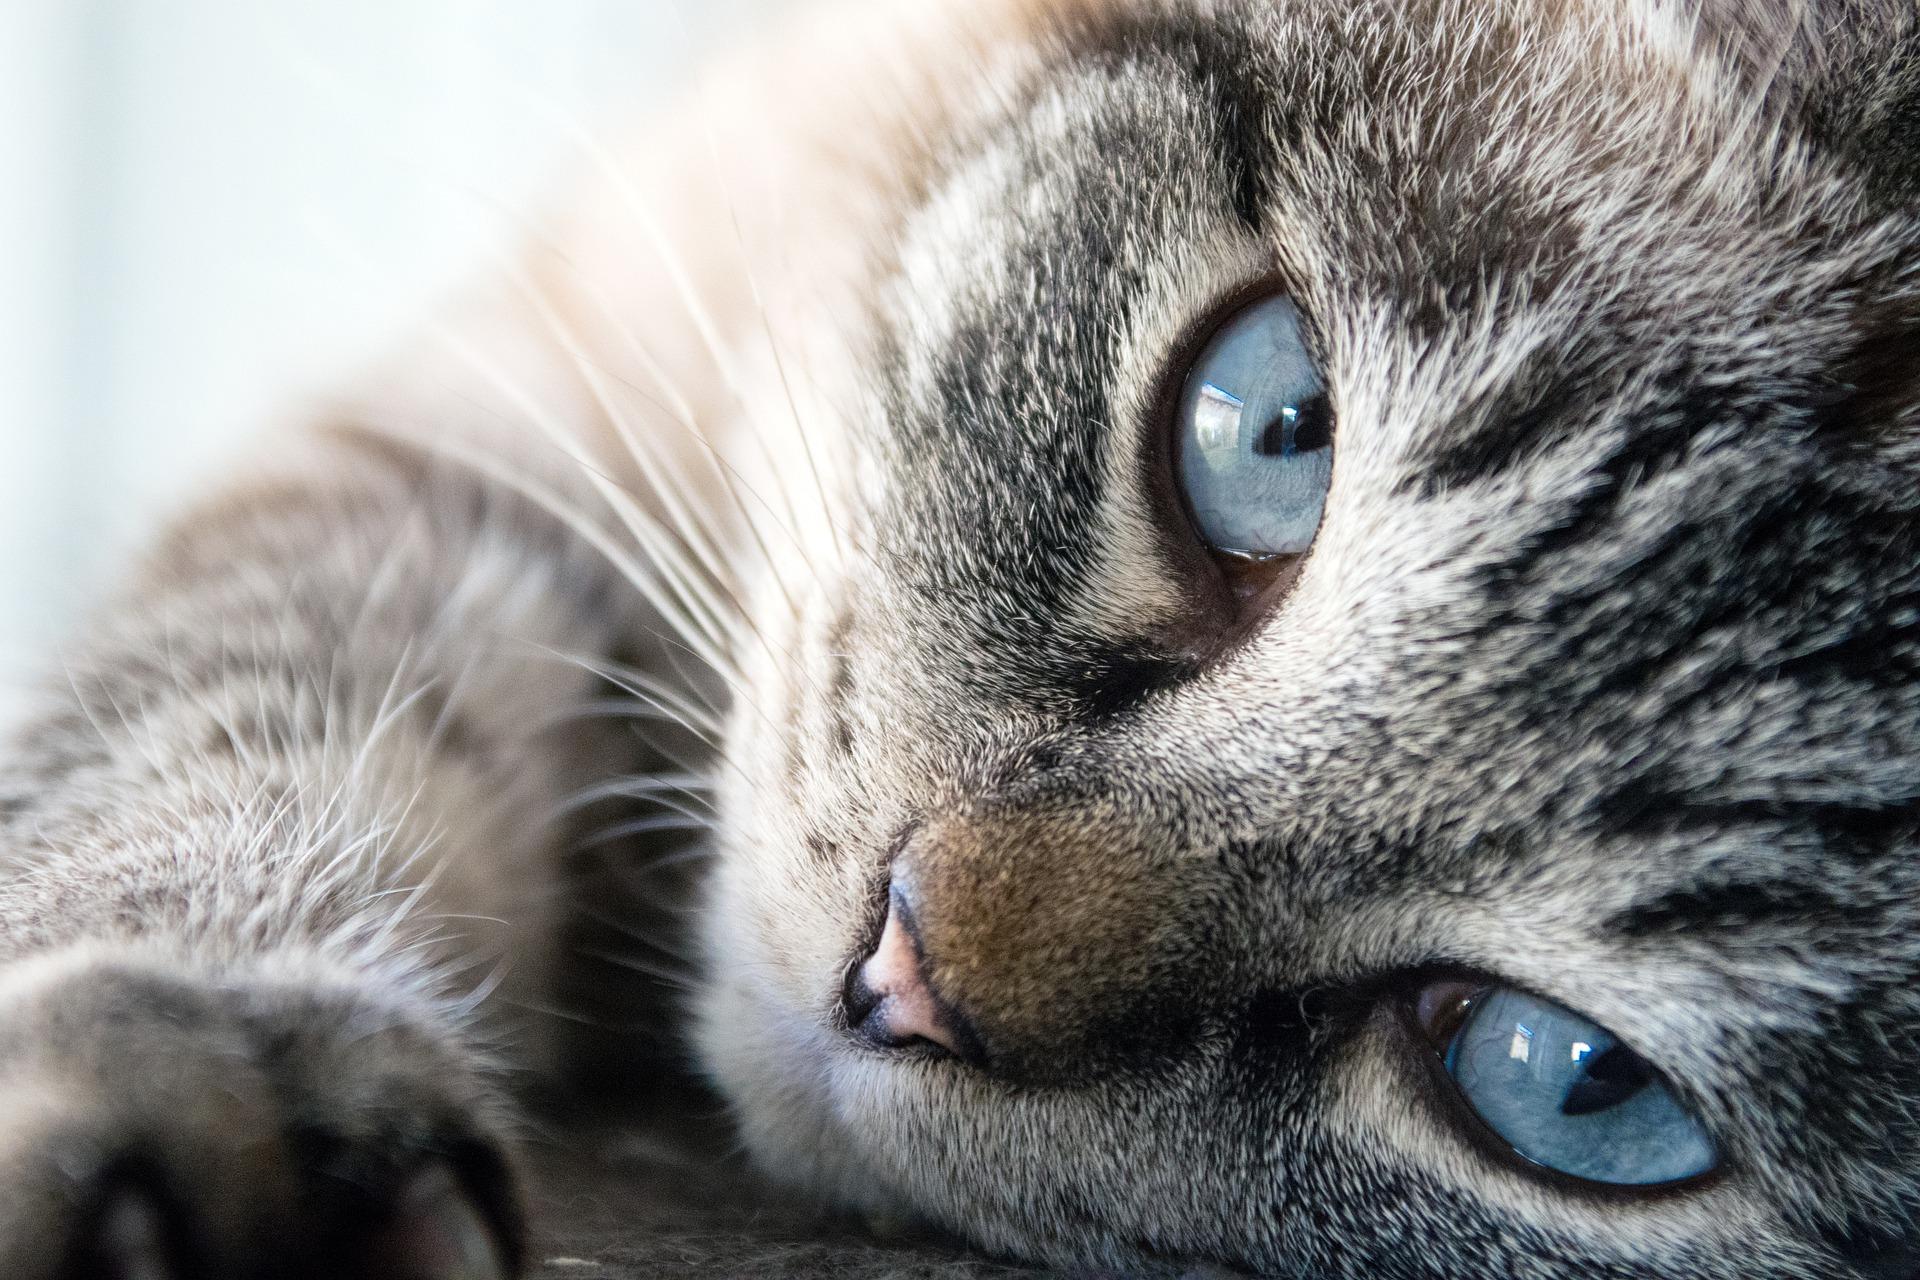 Katze liegend, blaue Augen.